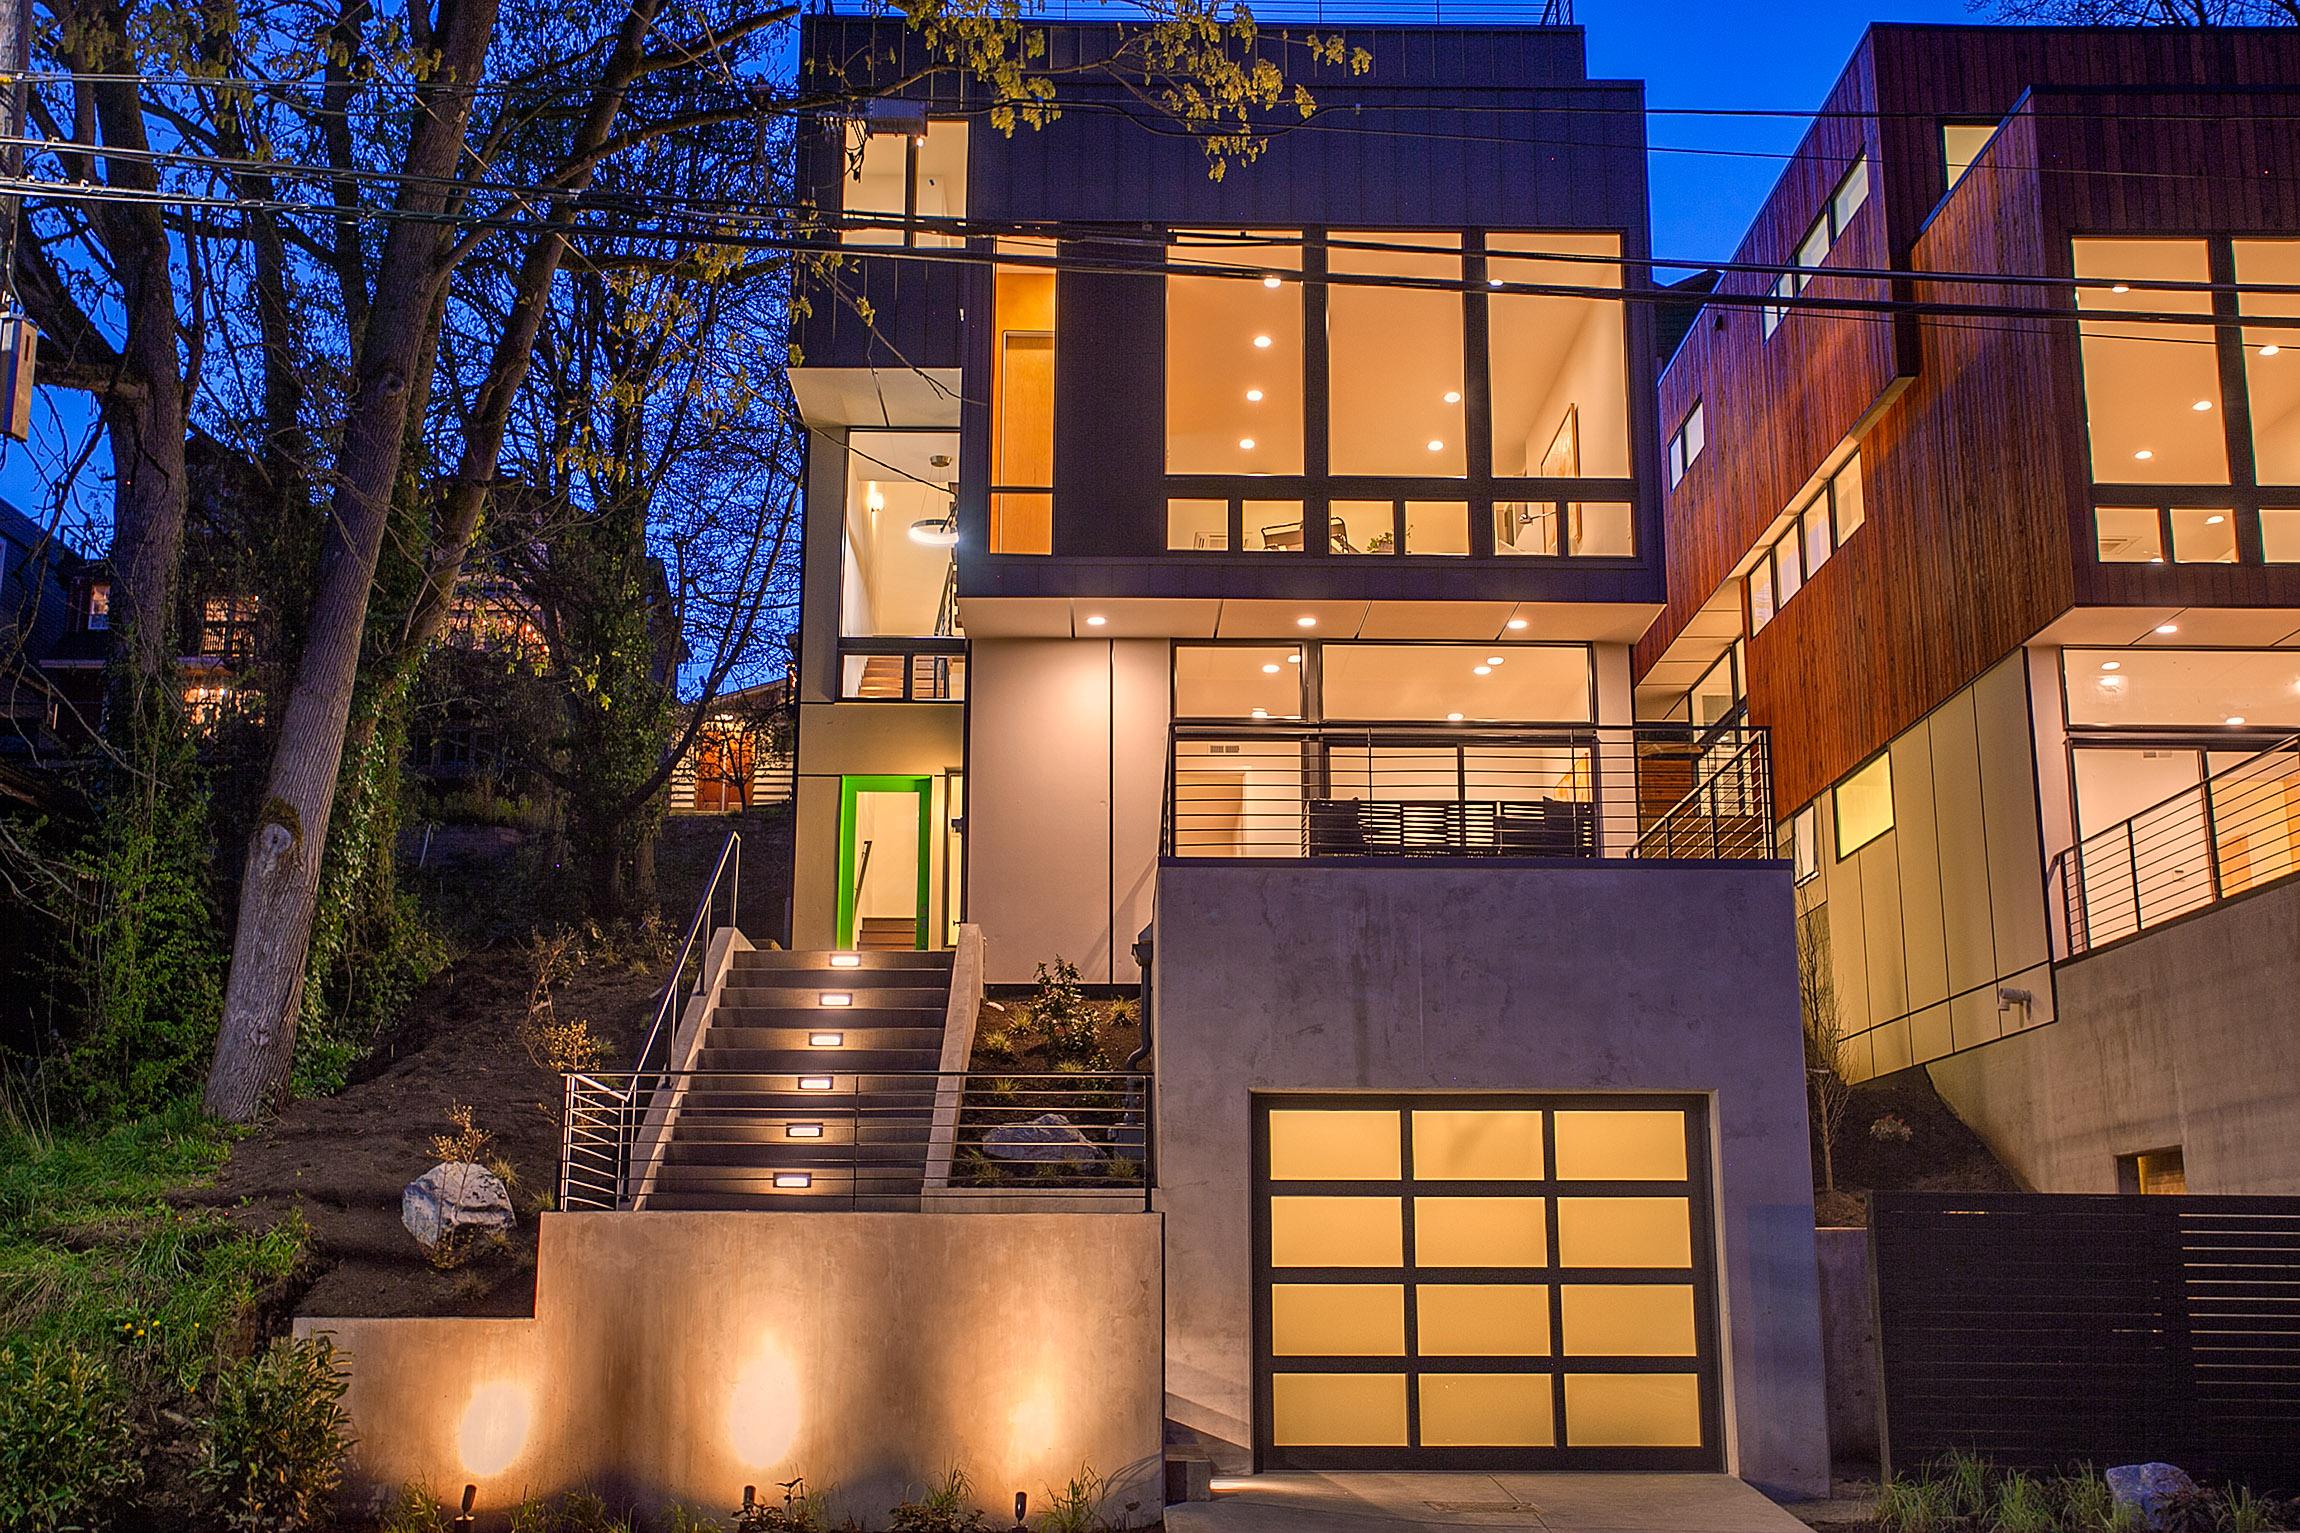 5th Annual Seattle Modern Home Tour Showcases 8 ...